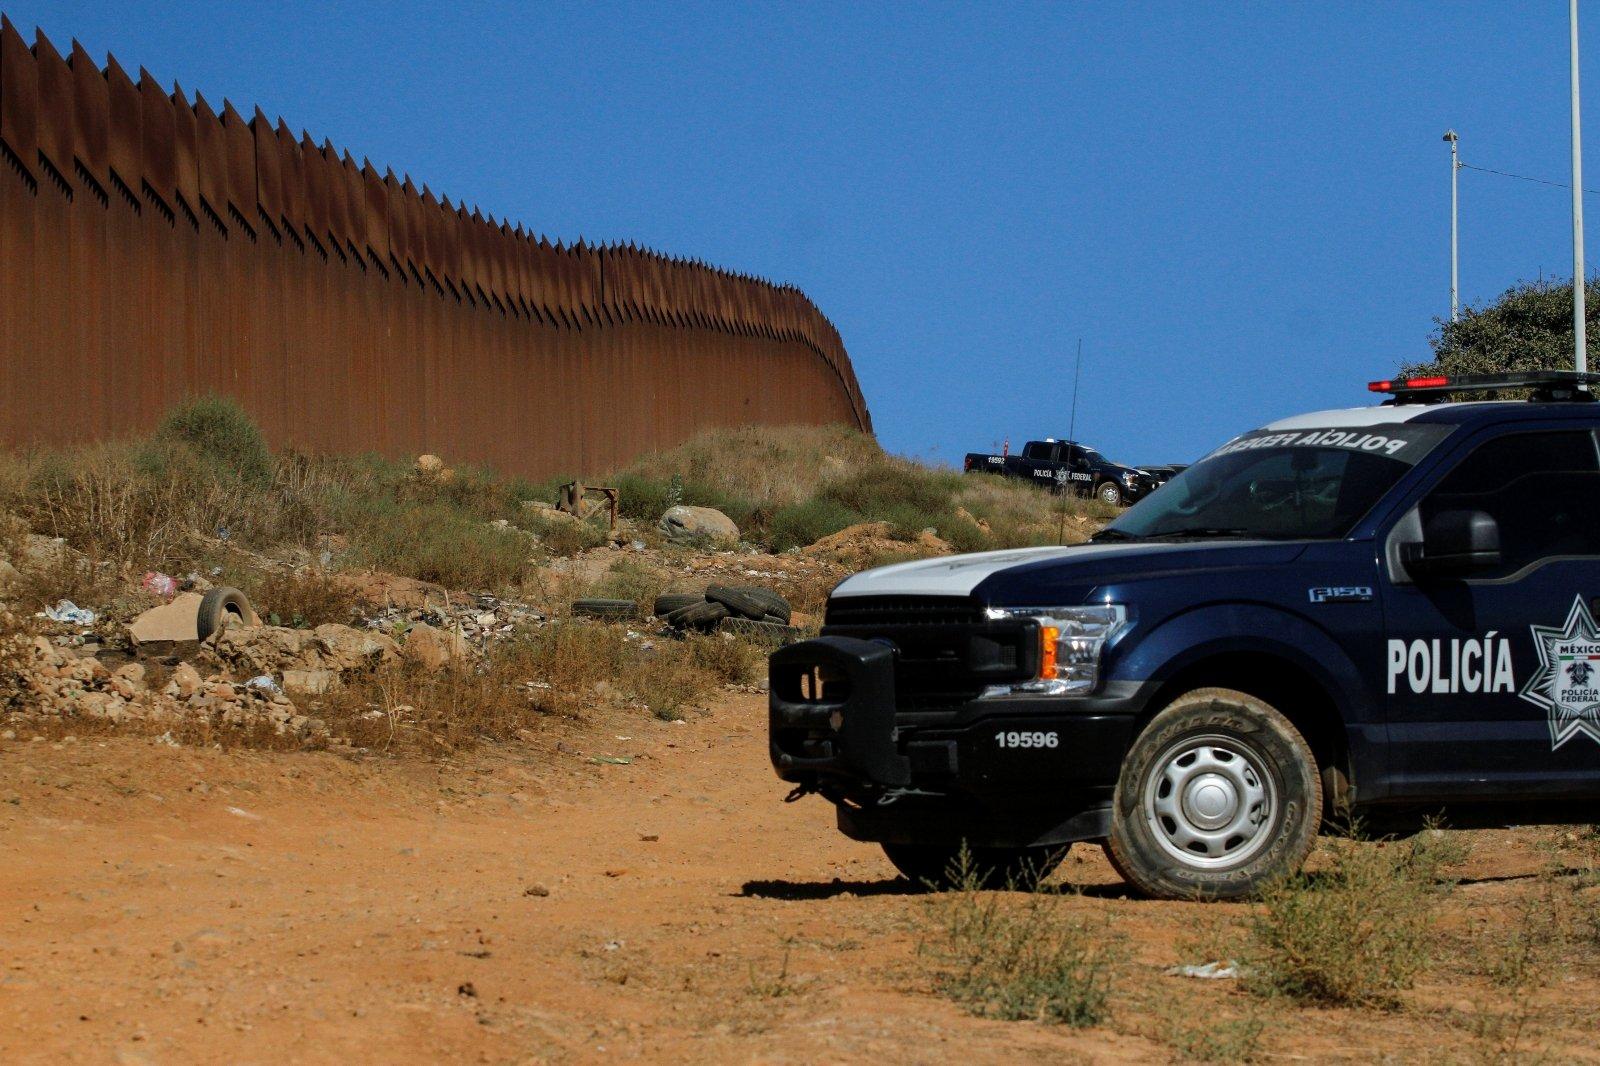 Американский пограничник ранил россиянина на границе с Мексикой